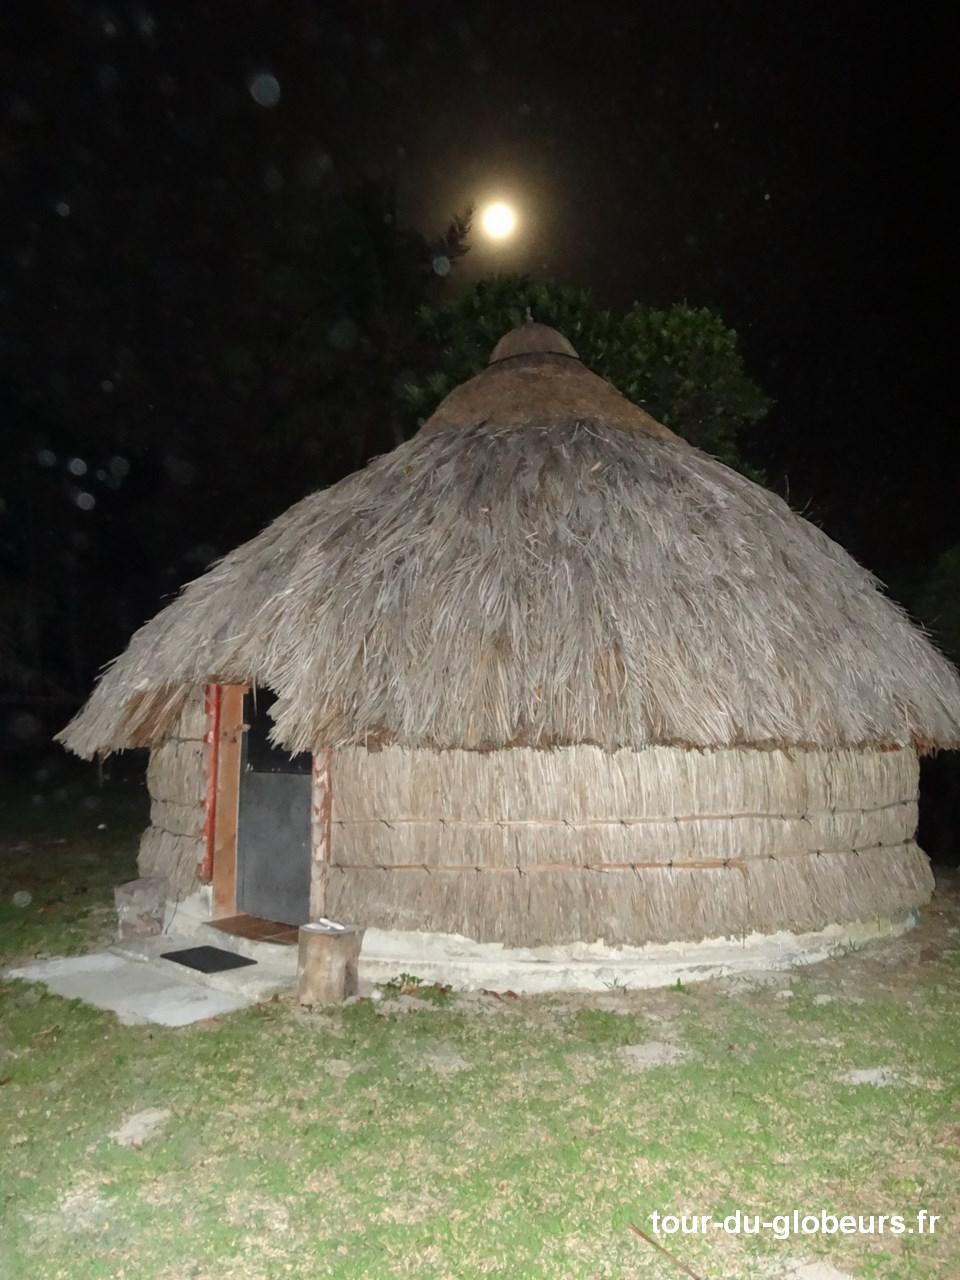 Nle-Calédonie - Lifou - Hébergement hutte extérieur